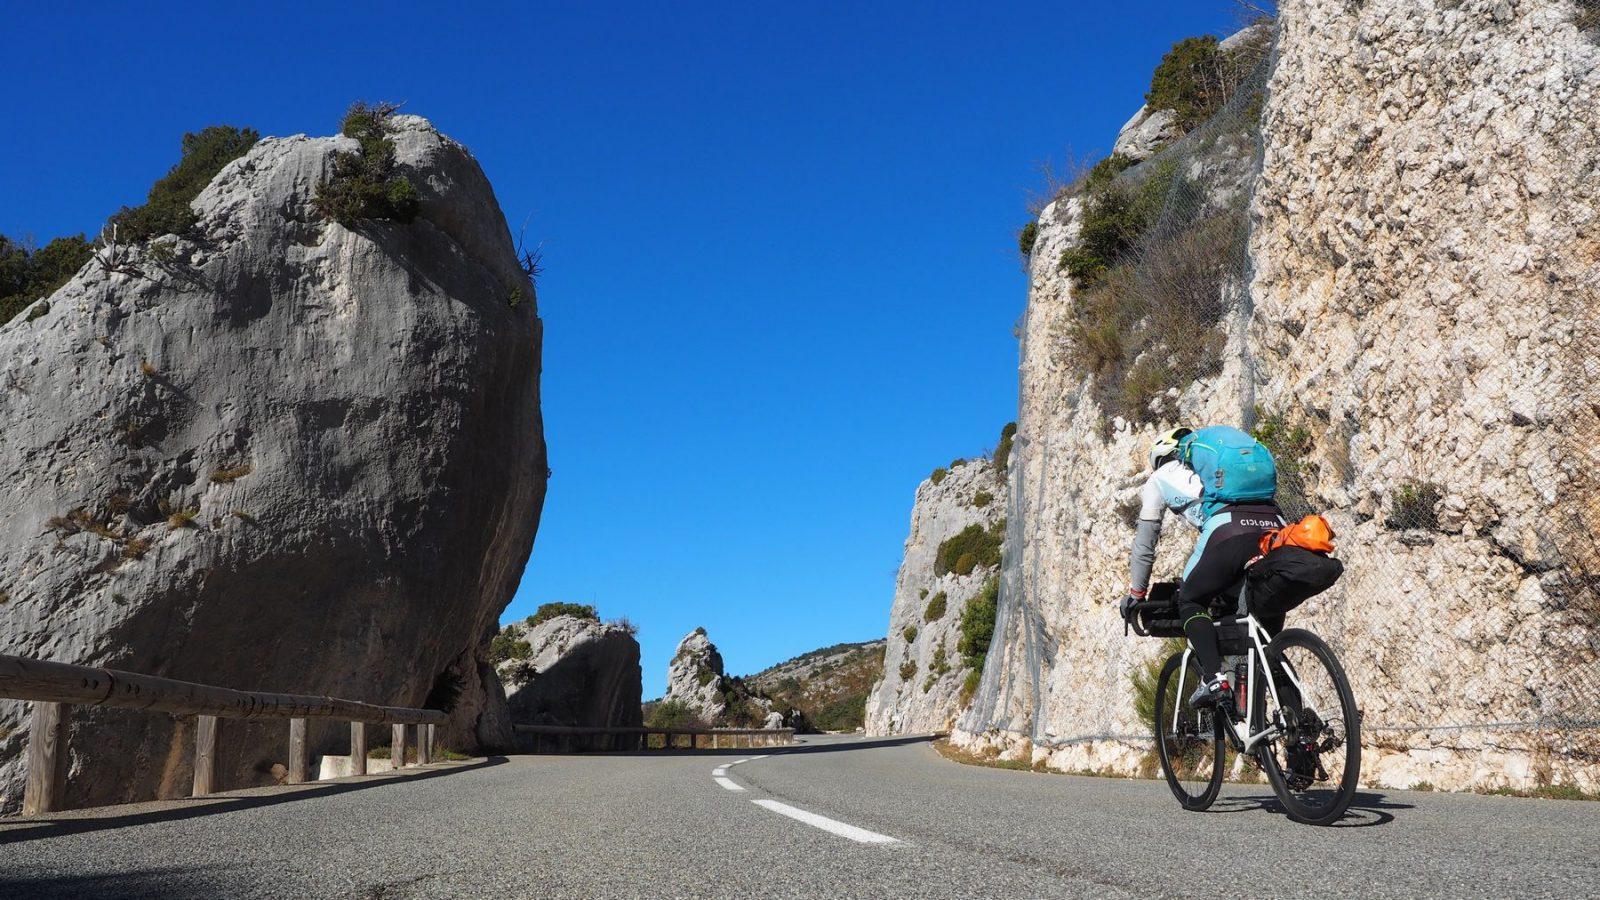 Préalpes d'Azur: zwischen Gréolières und Castellane